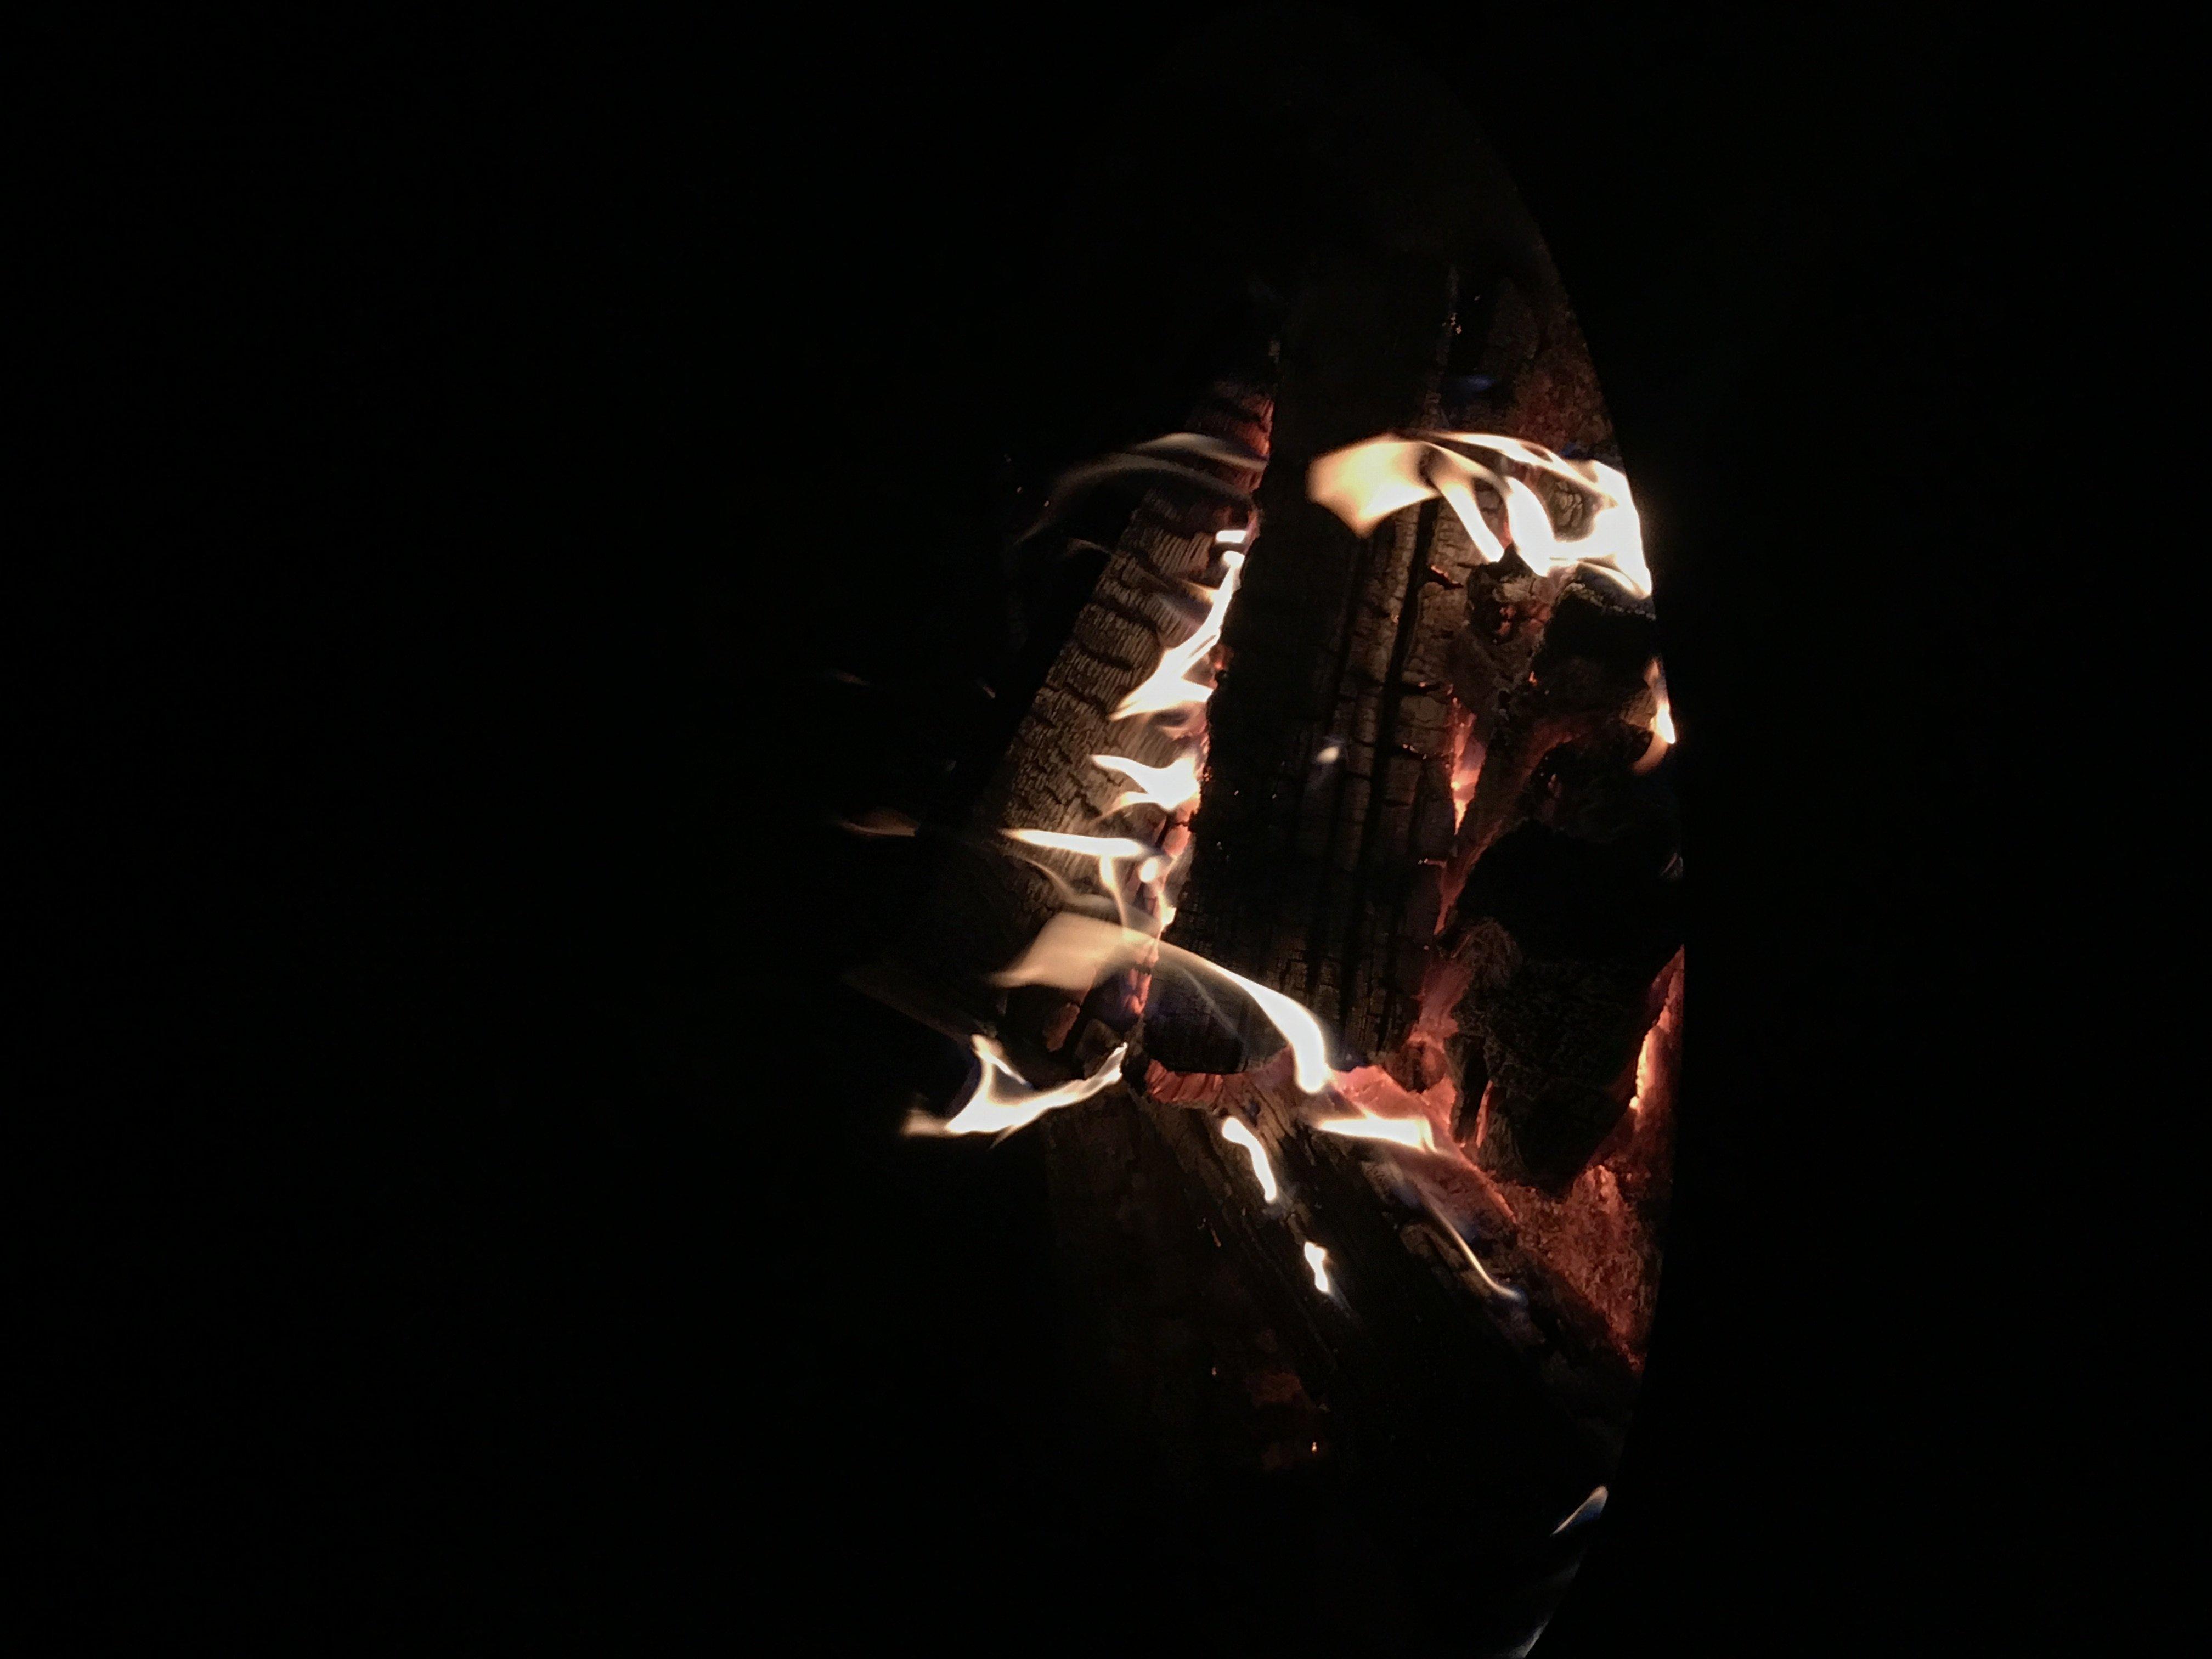 Ein Feuer brennt hell...